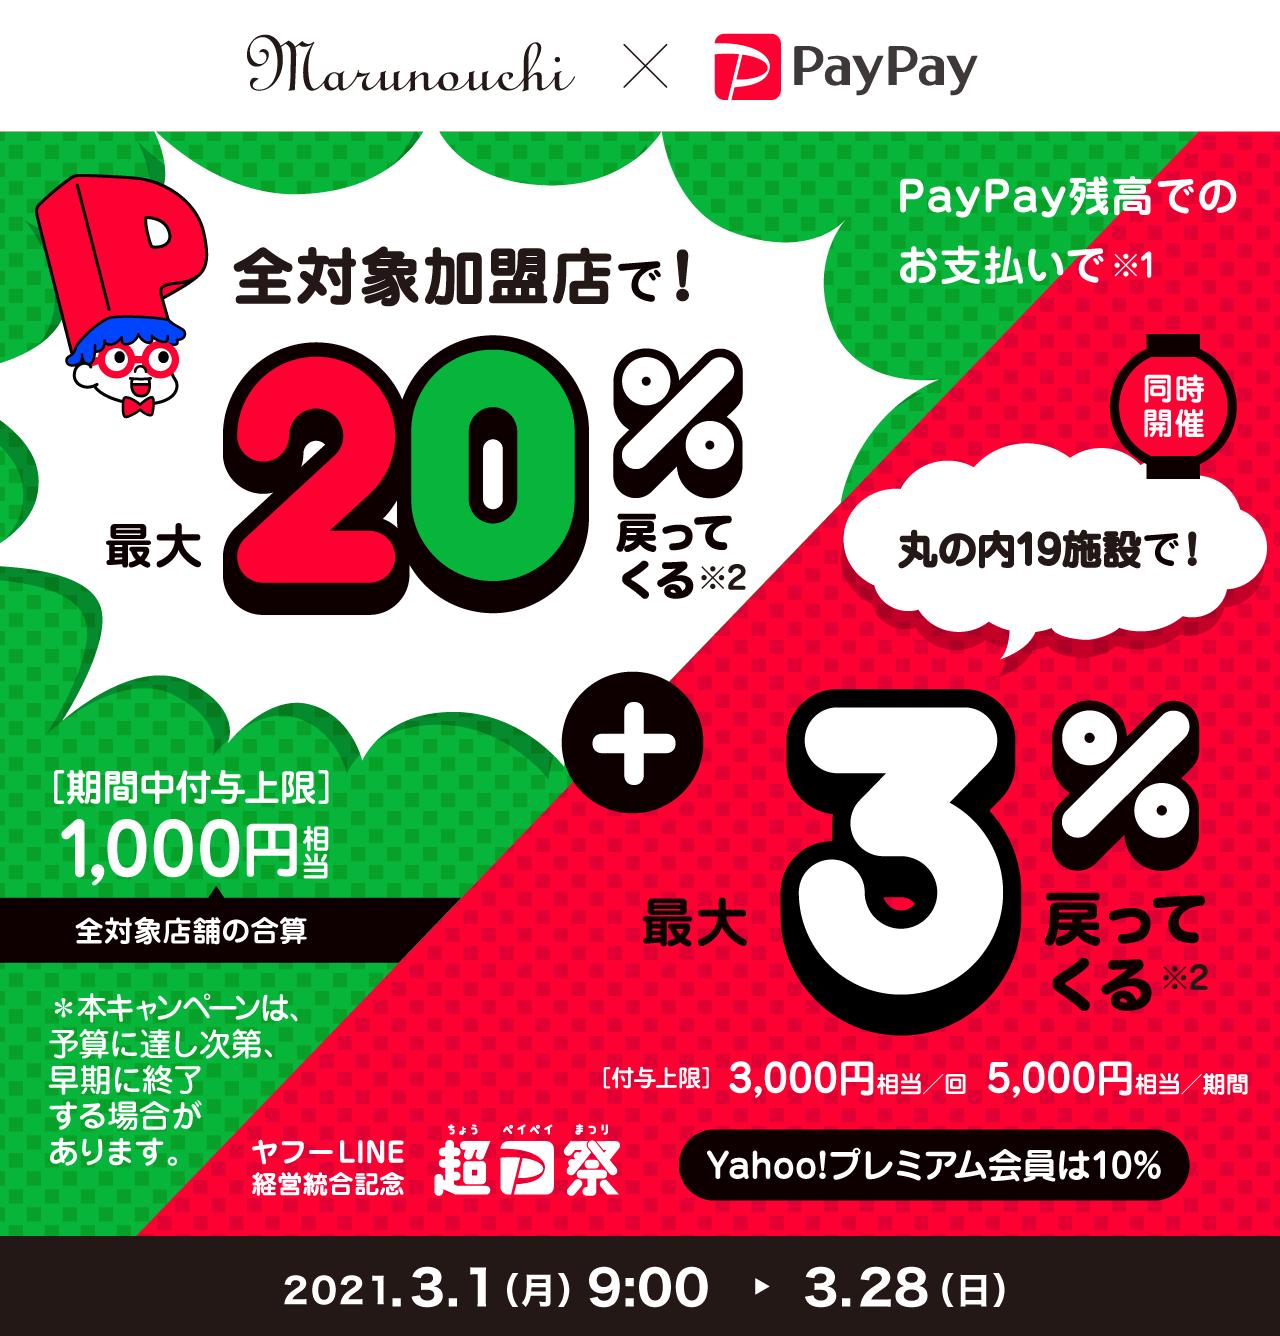 PayPayがお得!2021年3月28日(日)まで